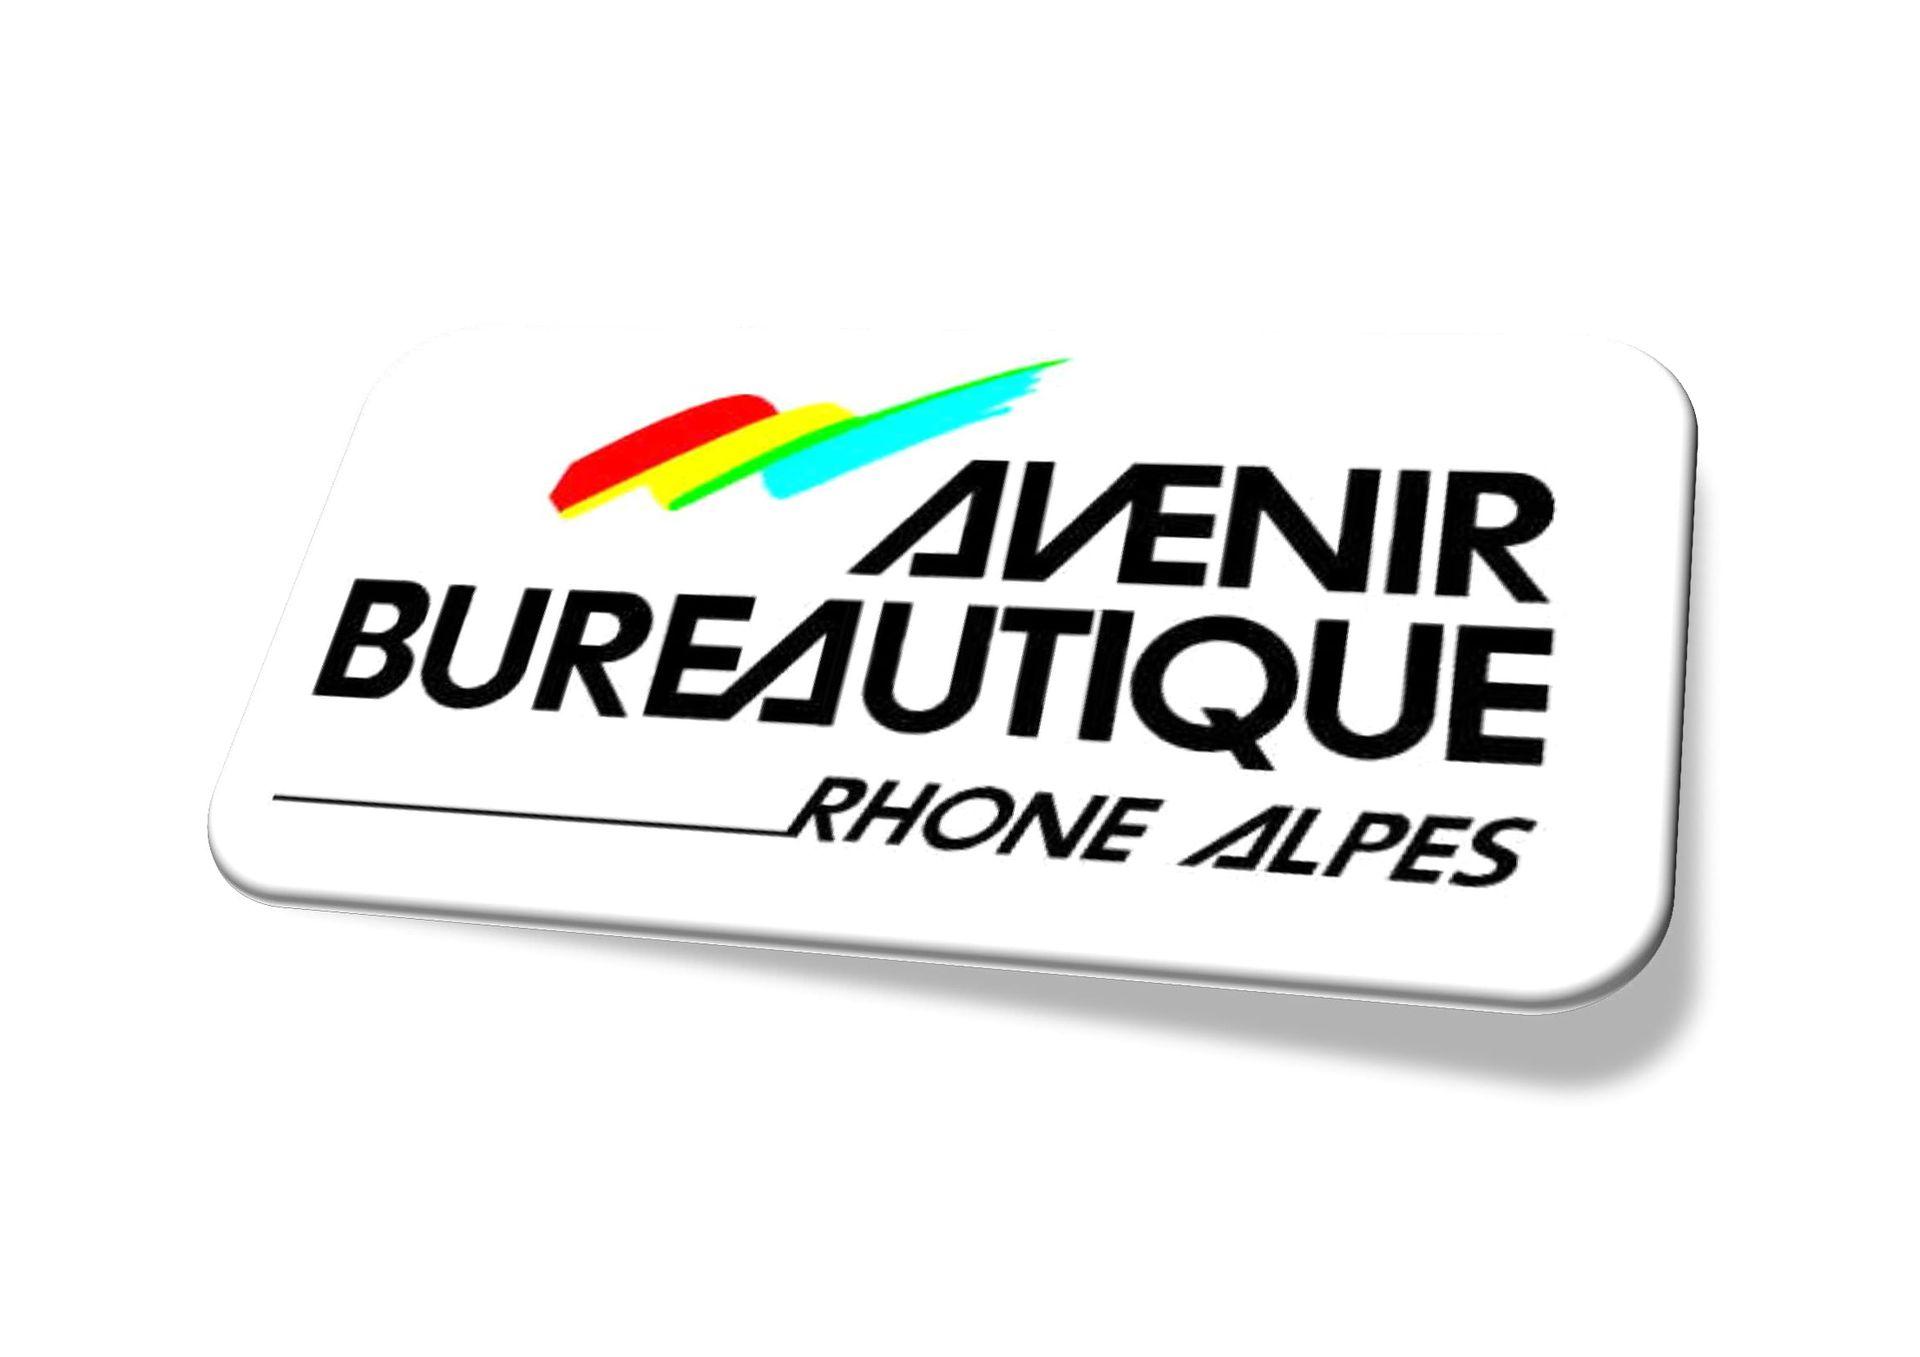 Avenir Bureautique Rhône Alpes photocopieur, reprographie (matériel et fournitures)